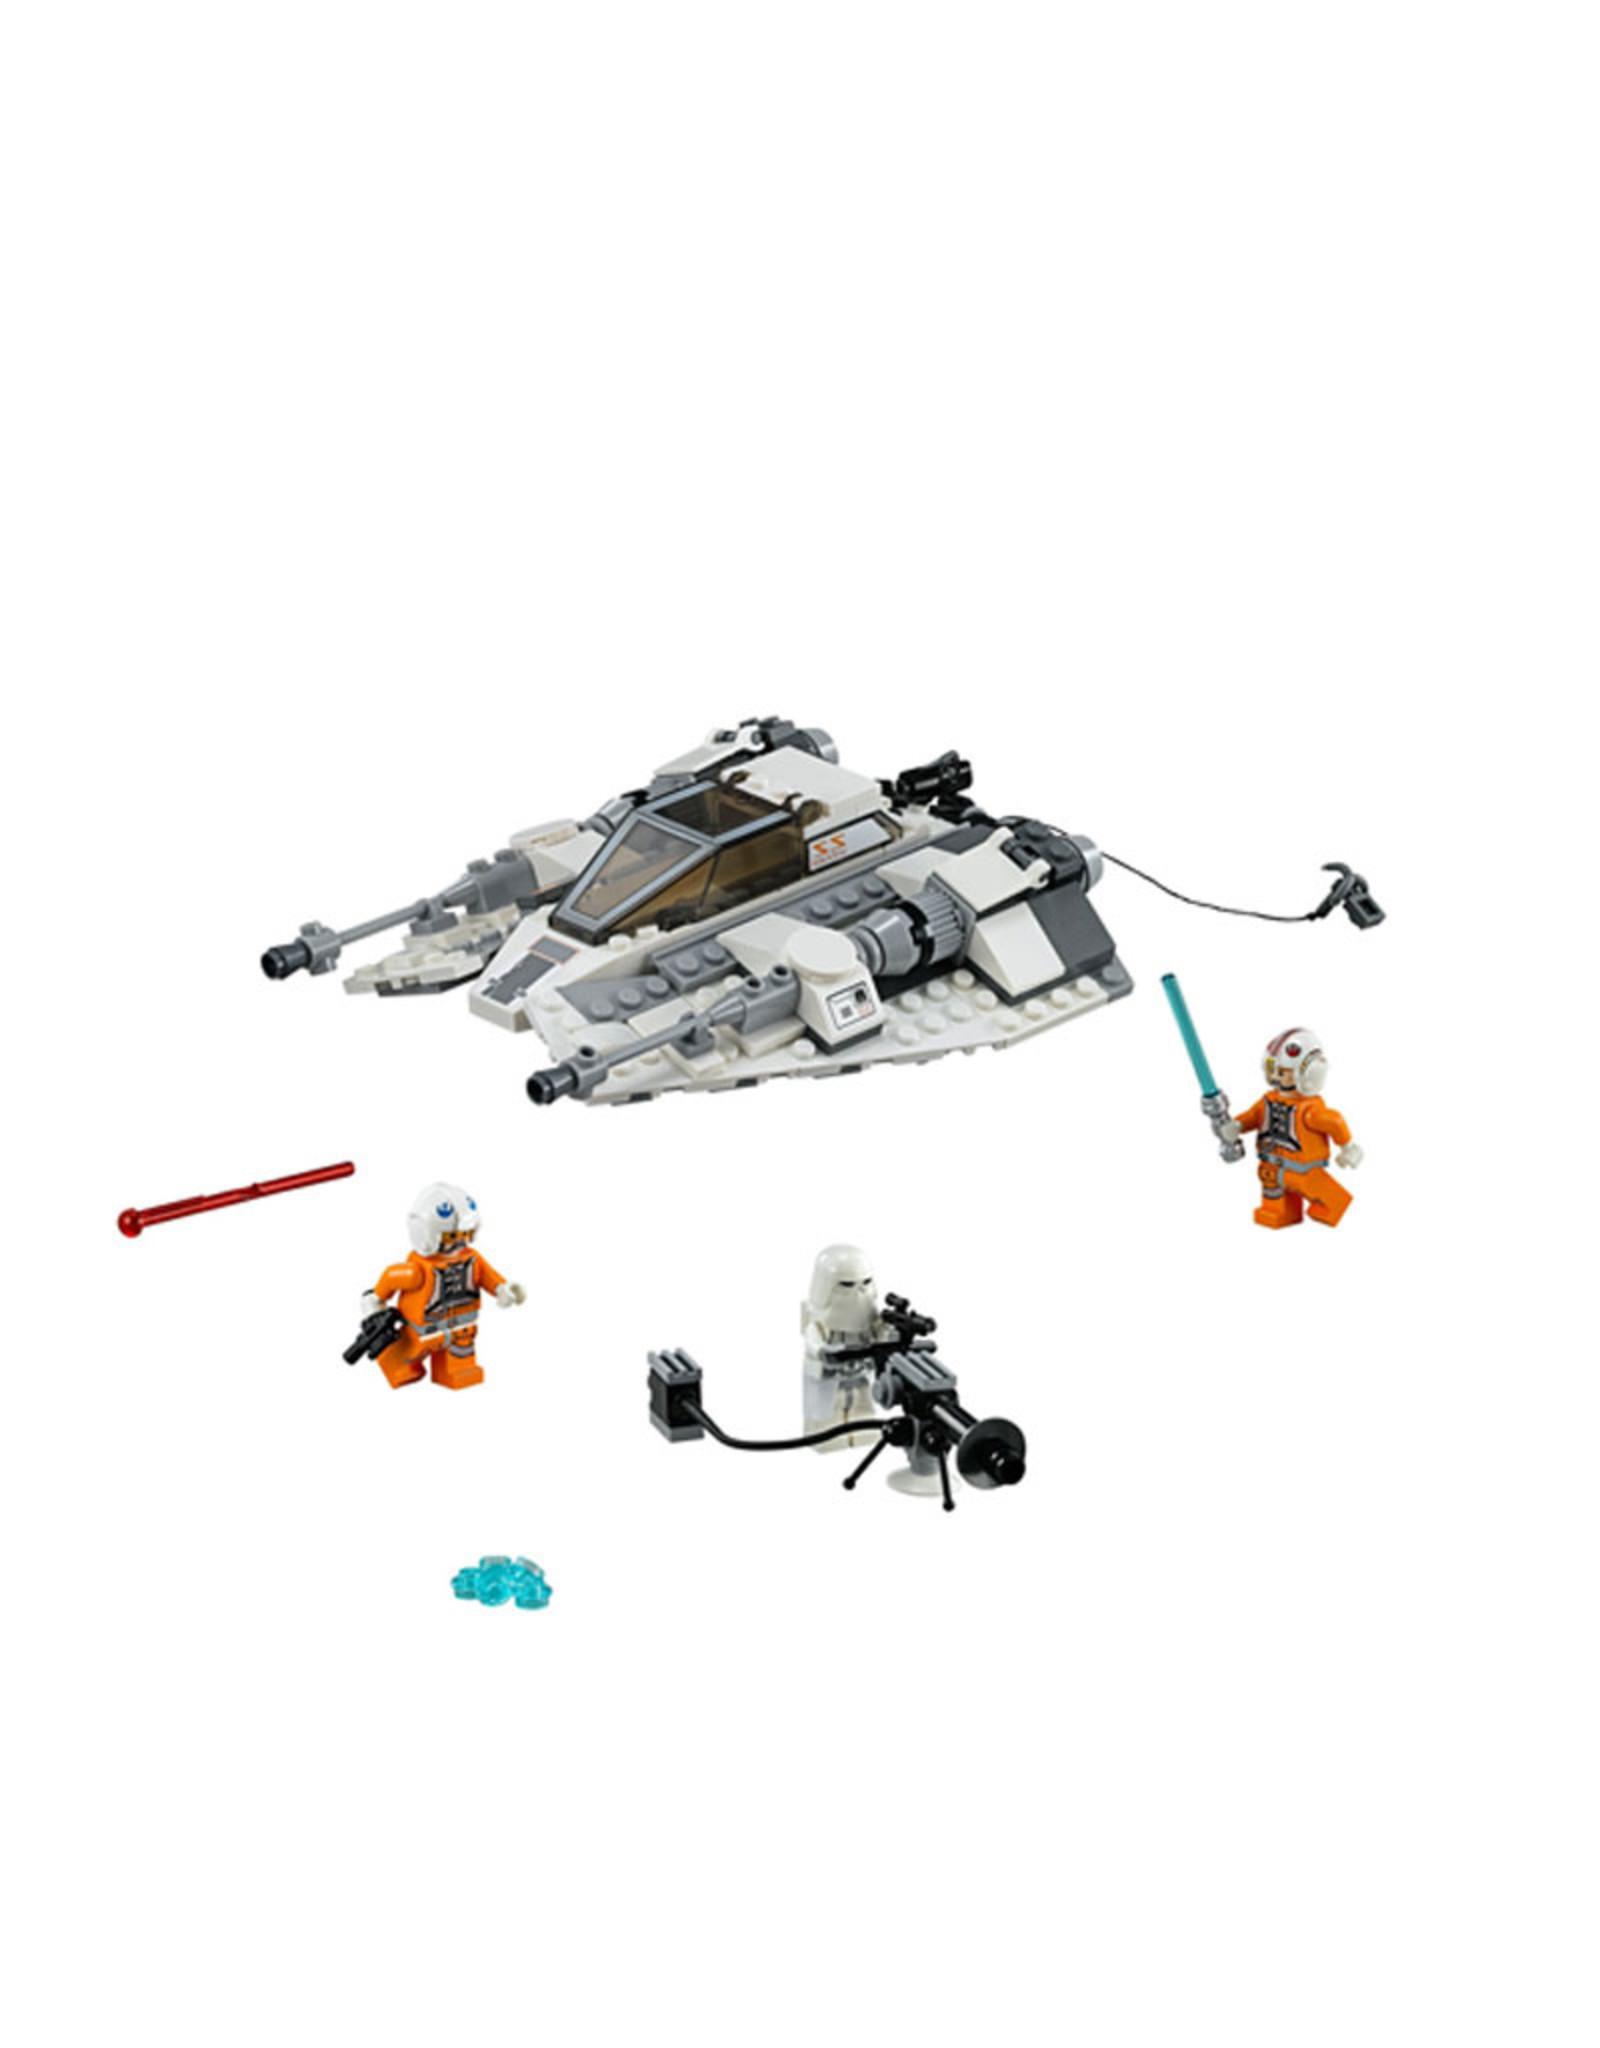 LEGO LEGO 75049 Snowspeeder STAR WARS